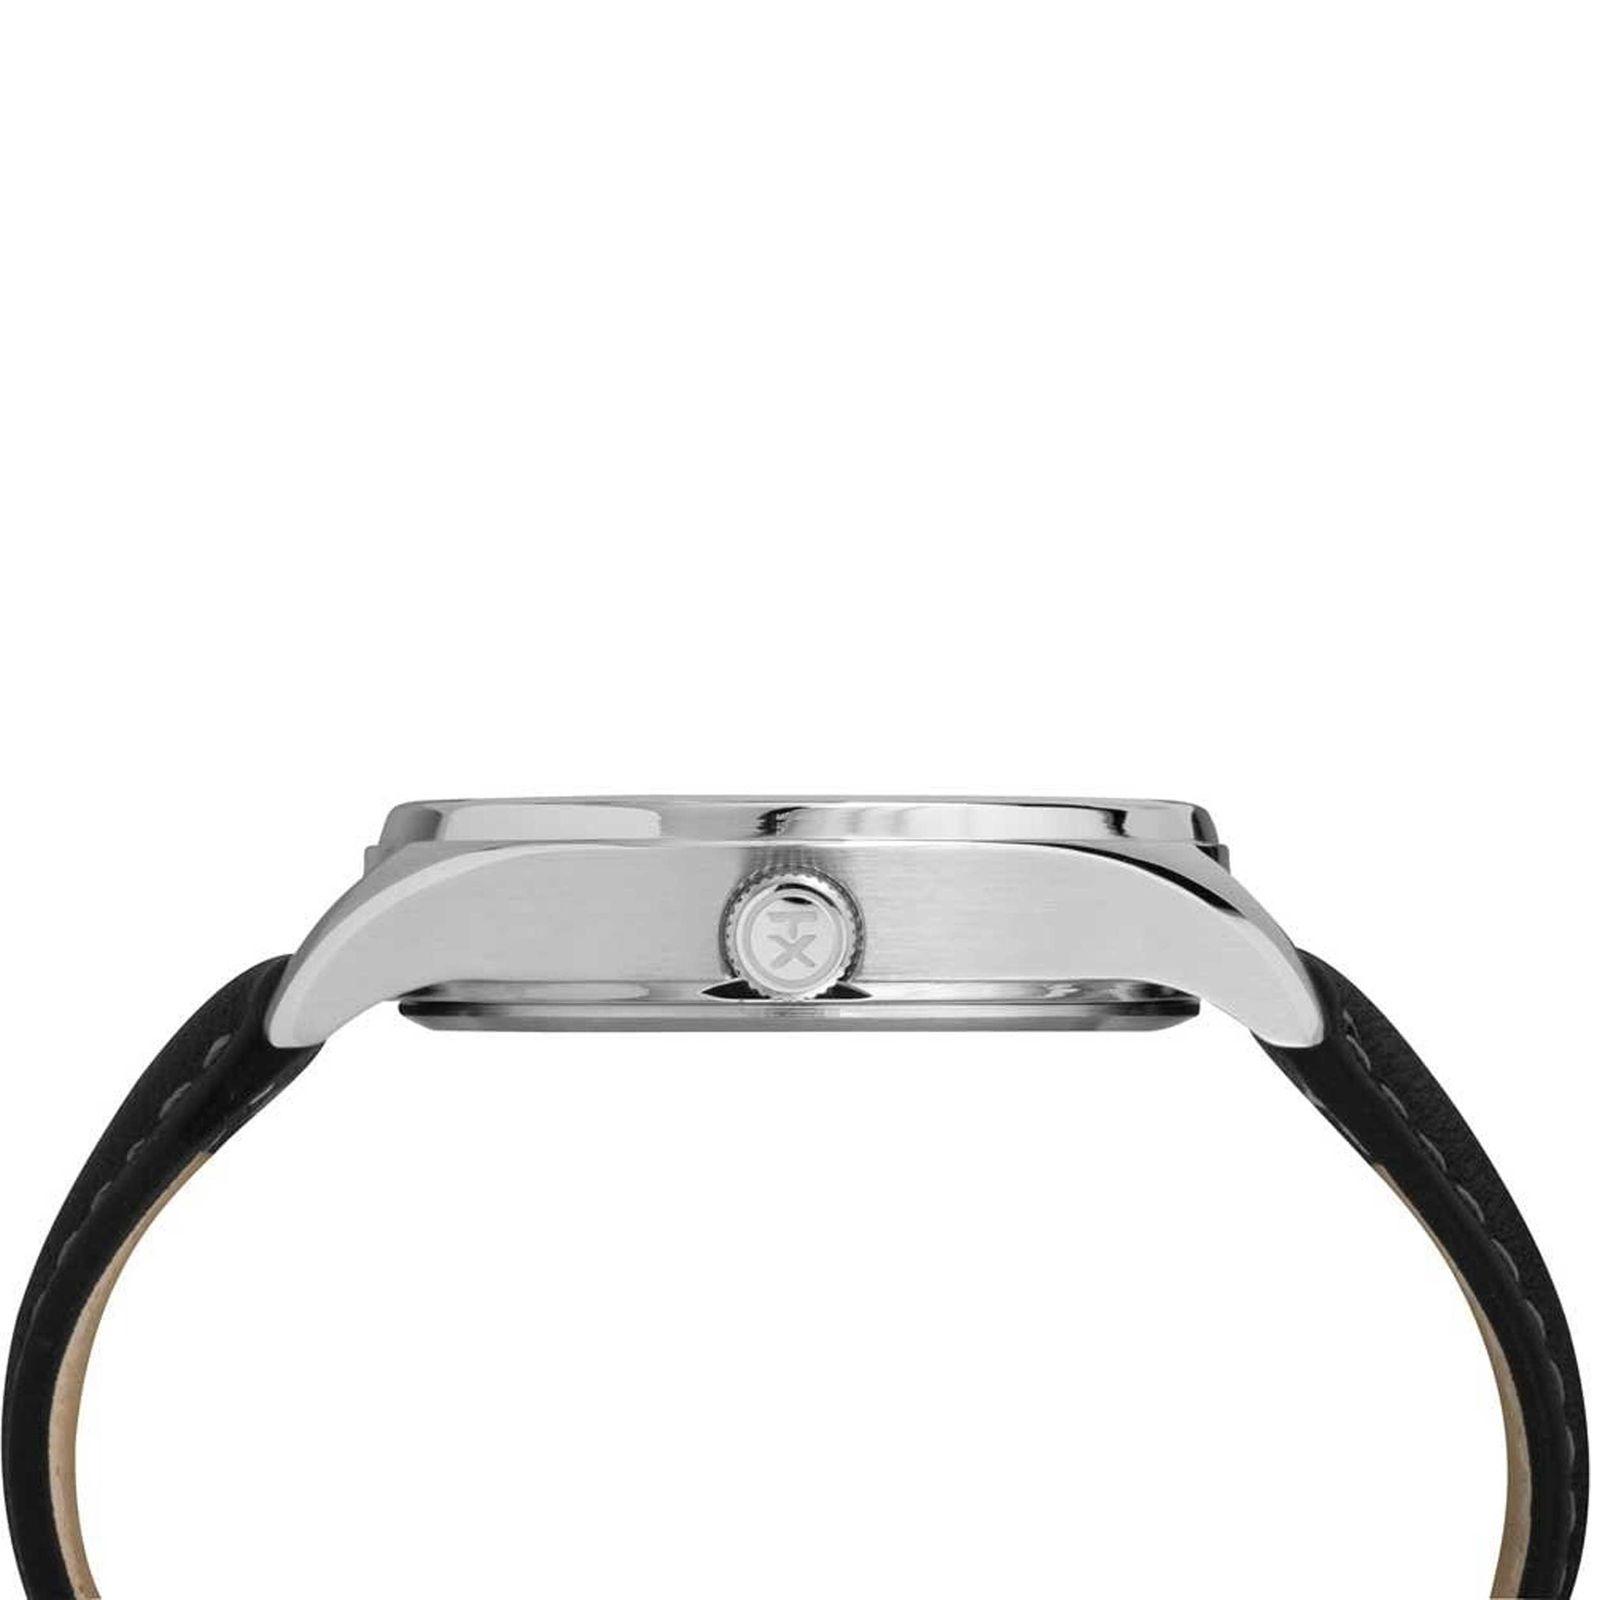 ساعت مچی عقربه ای مردانه تایمکس مدل TW2R88900 -  - 2